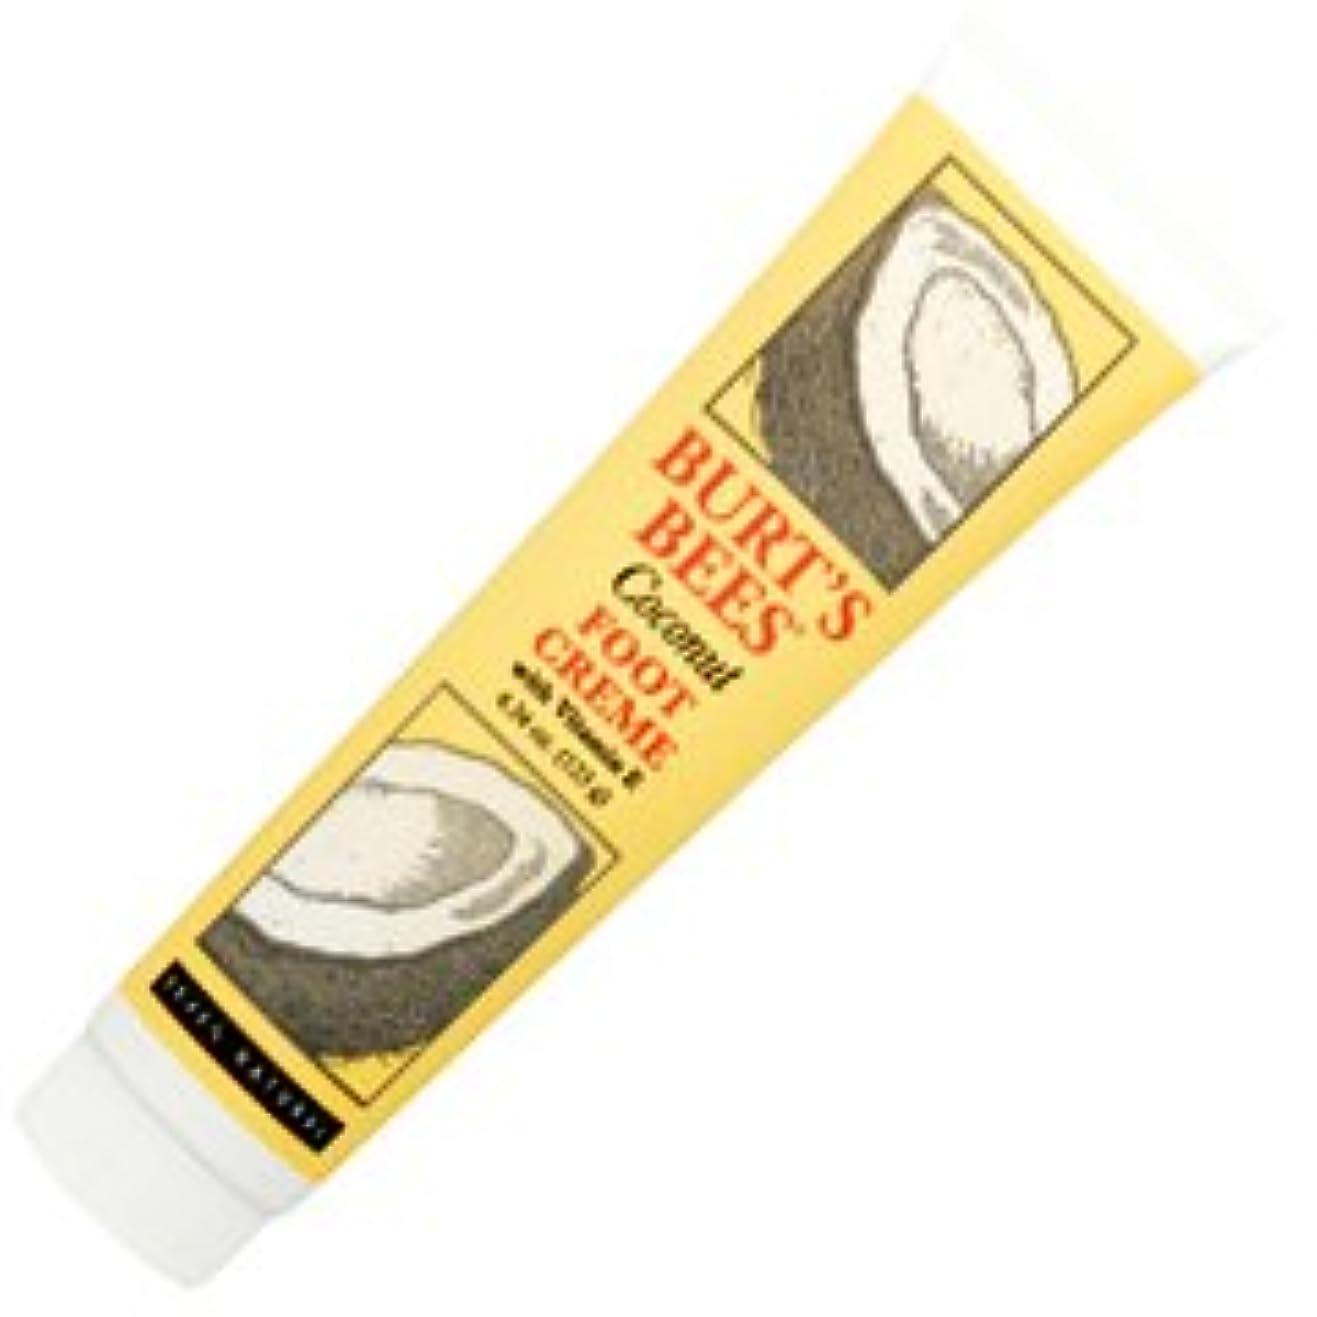 アナログ汚いまだバーツビーズ(Burt's Bees) ココナッツ フットクリーム 123ml [海外直送品][並行輸入品]